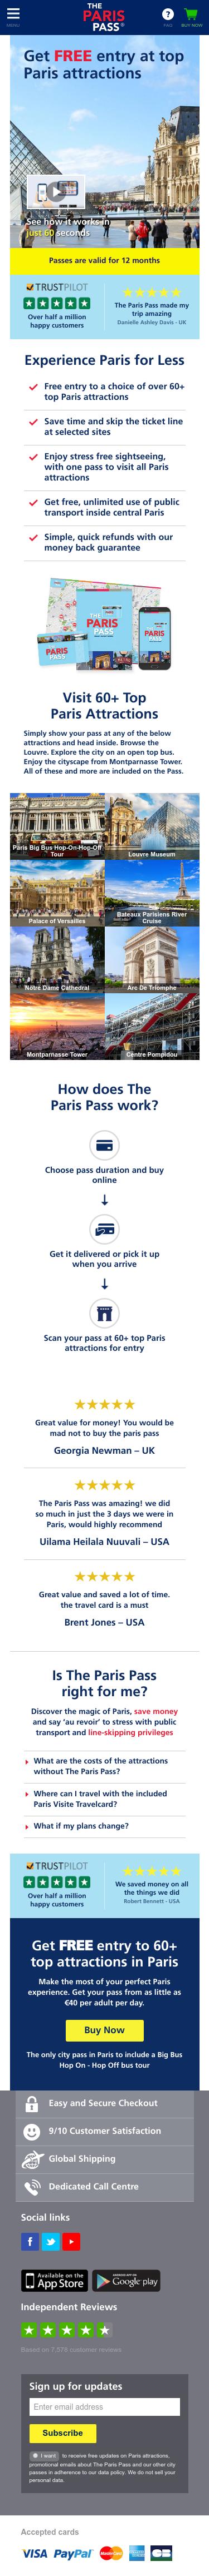 The Paris Pass Coupon